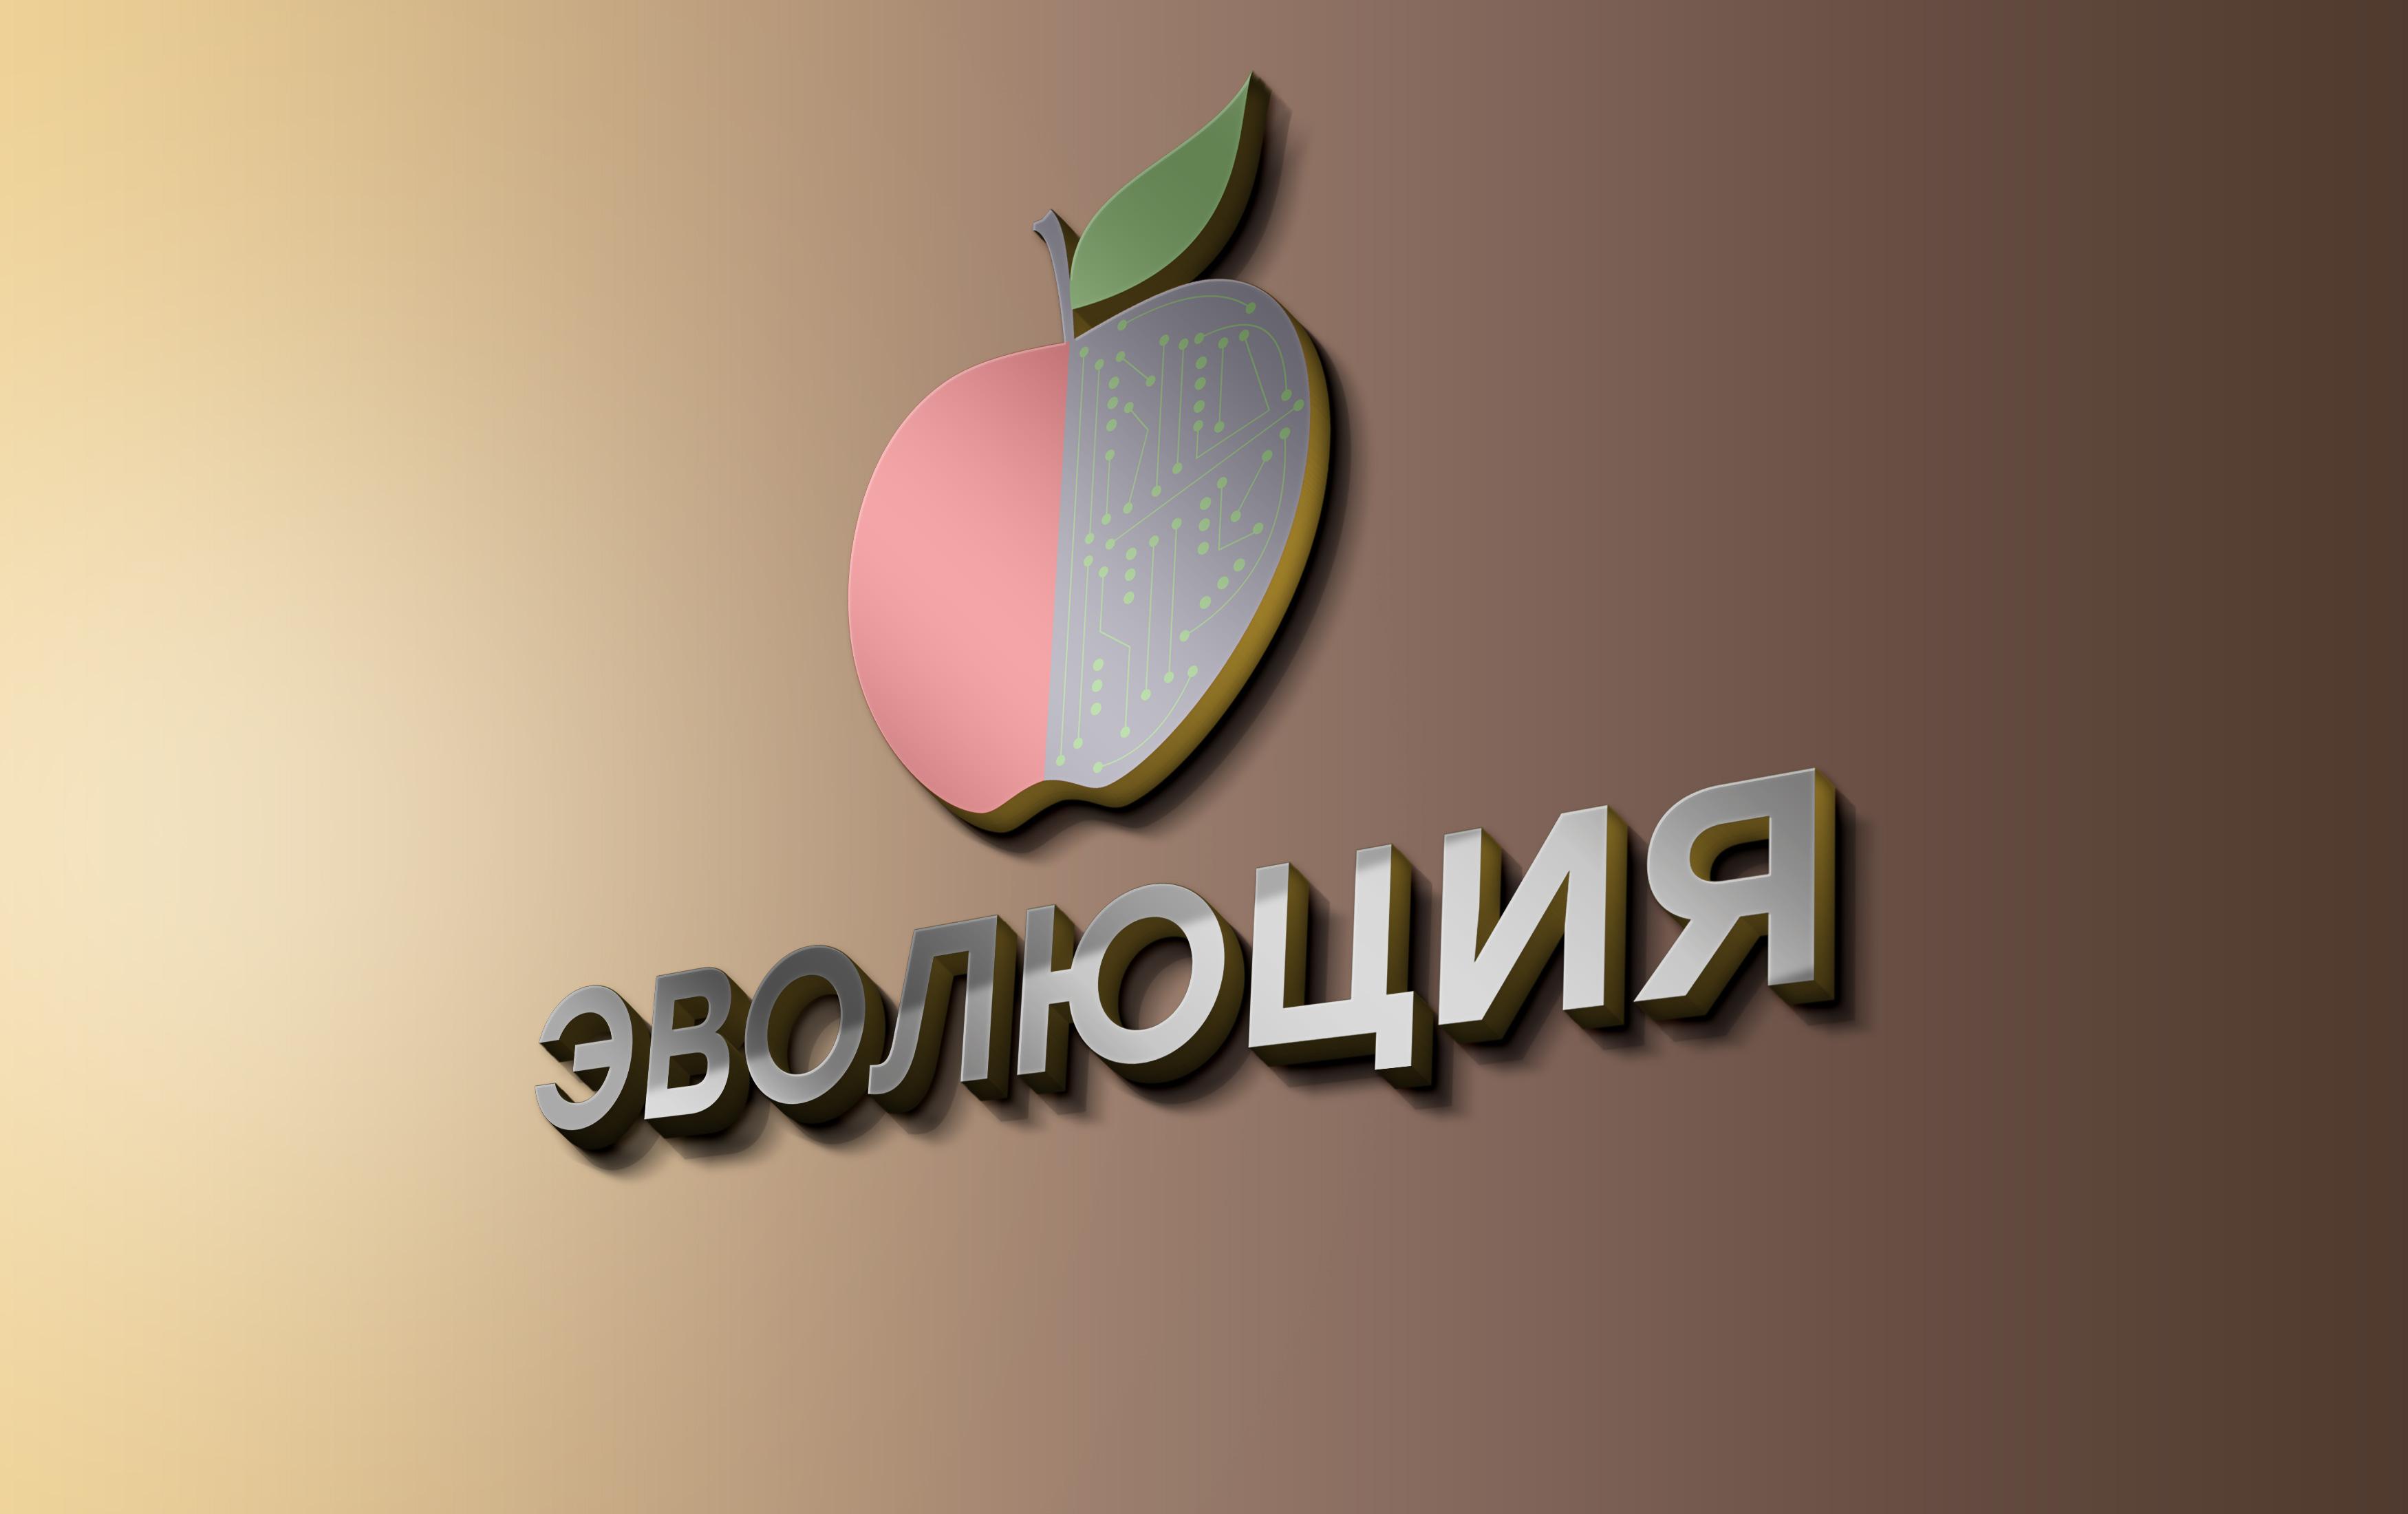 Разработать логотип для Онлайн-школы и сообщества фото f_7815bc1da2967c87.jpg